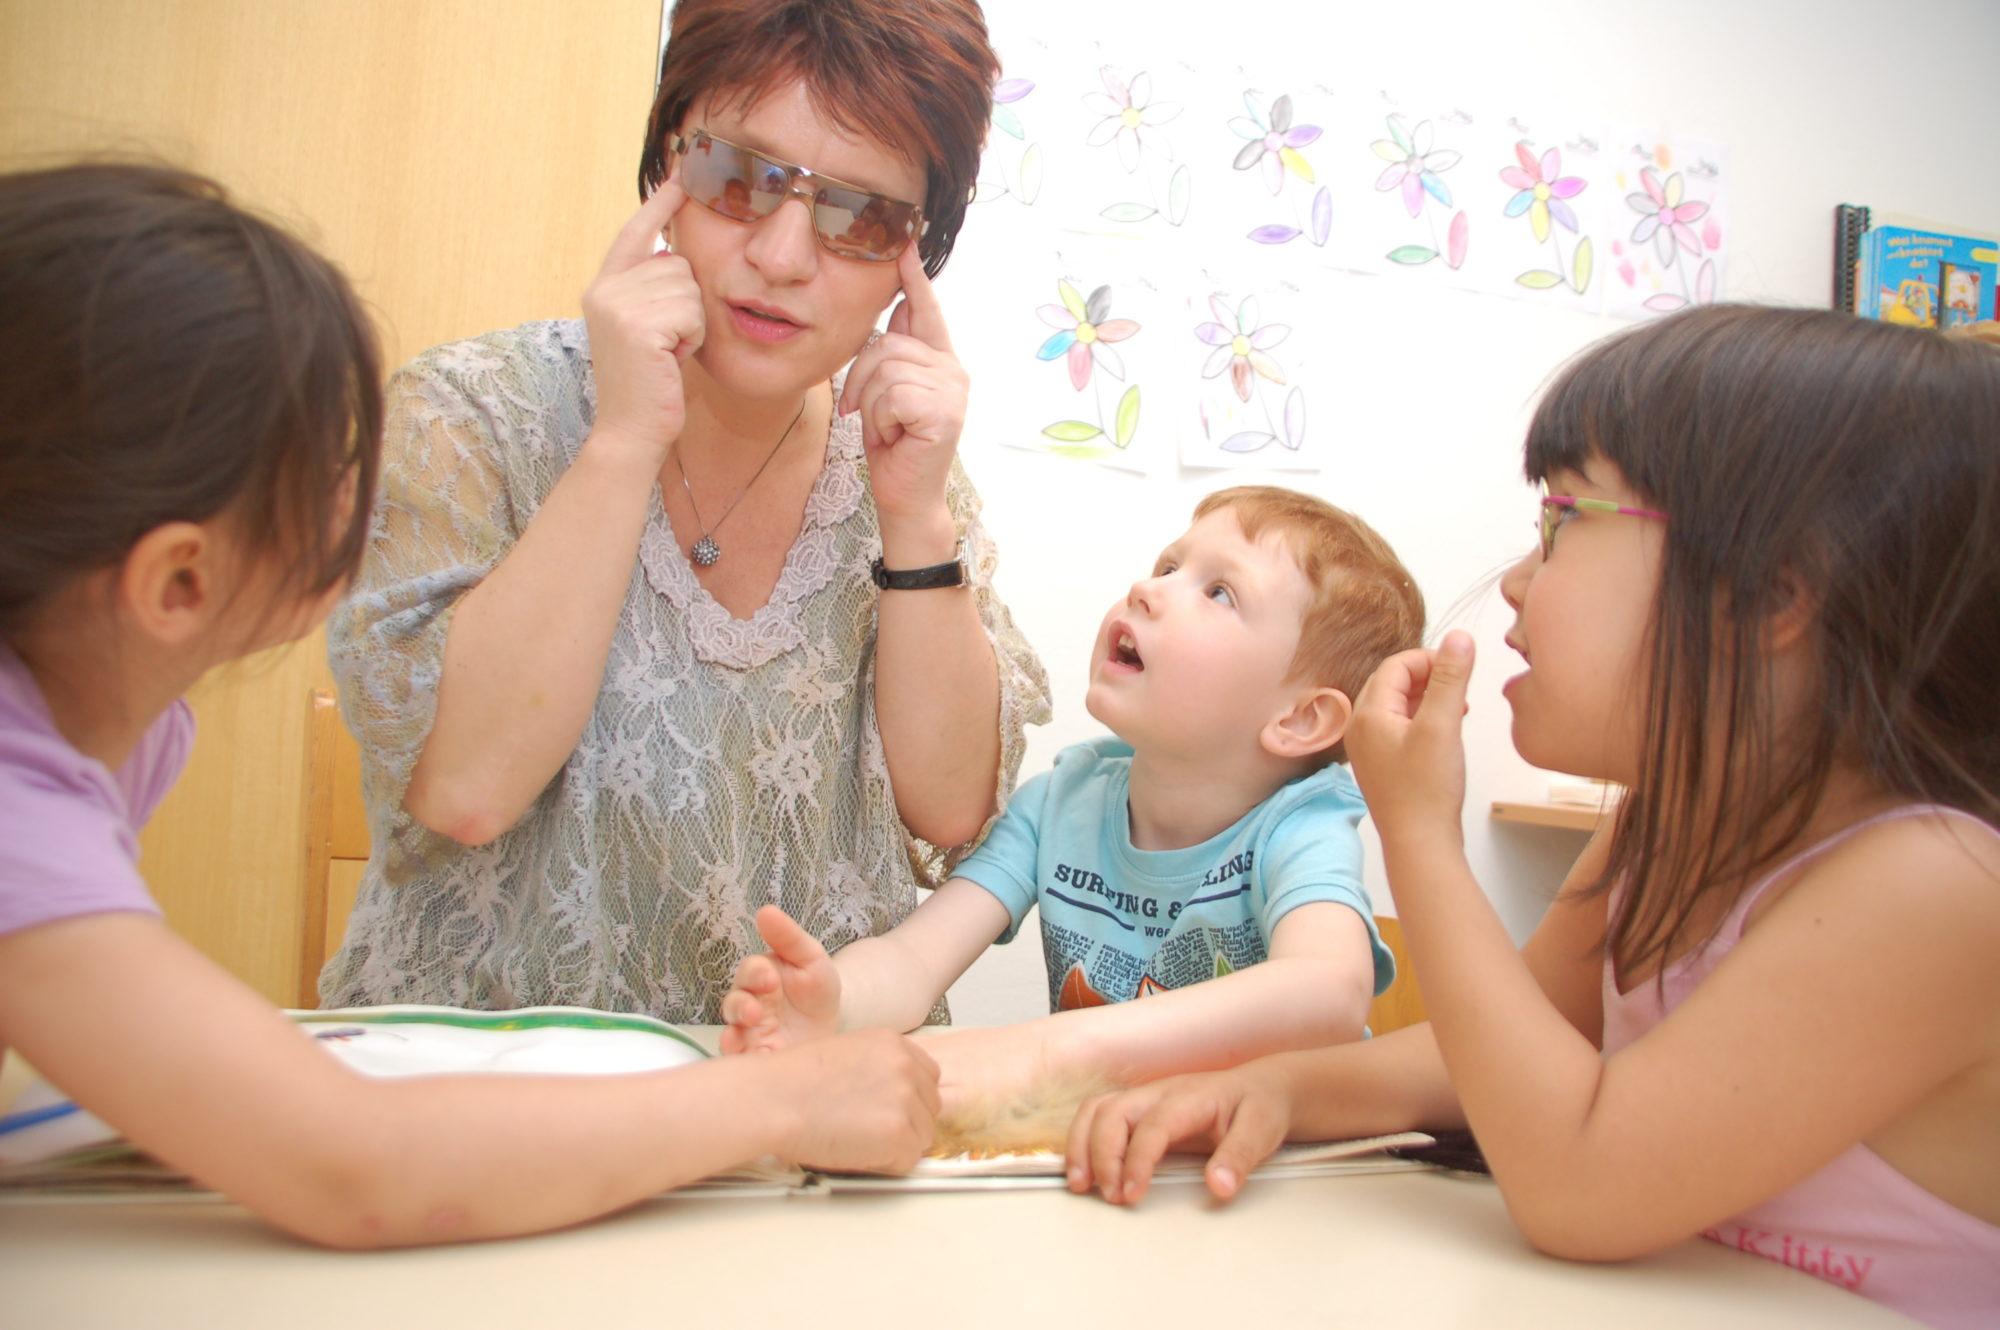 Silja Korn und mehrere Kita-Kinder sitzen zusammen. Die Kinder schauen ihre Erzieherin an.